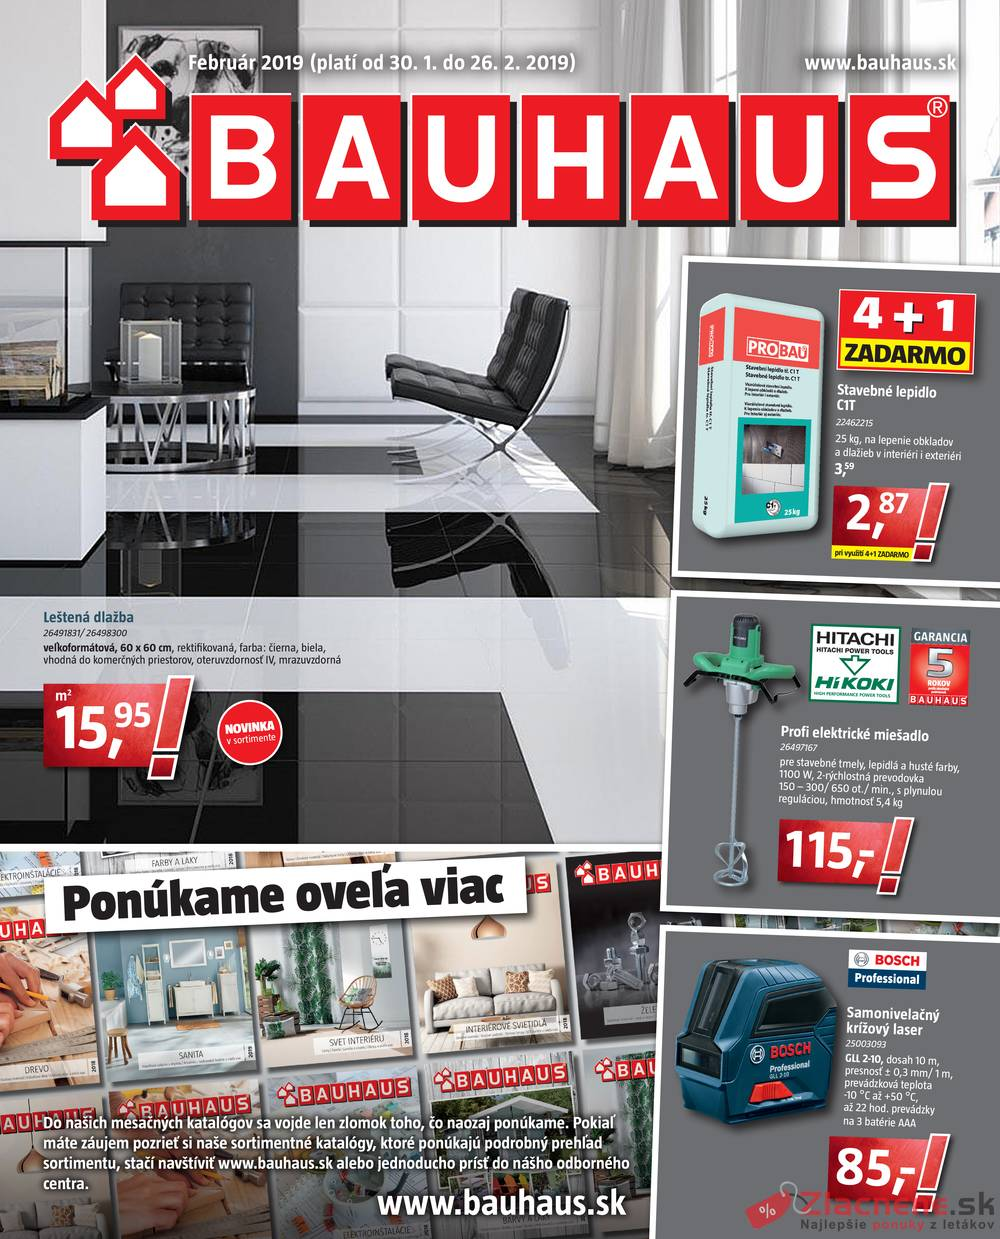 Leták Bauhaus - Bauhaus 30.1. - 26.2. - strana 1